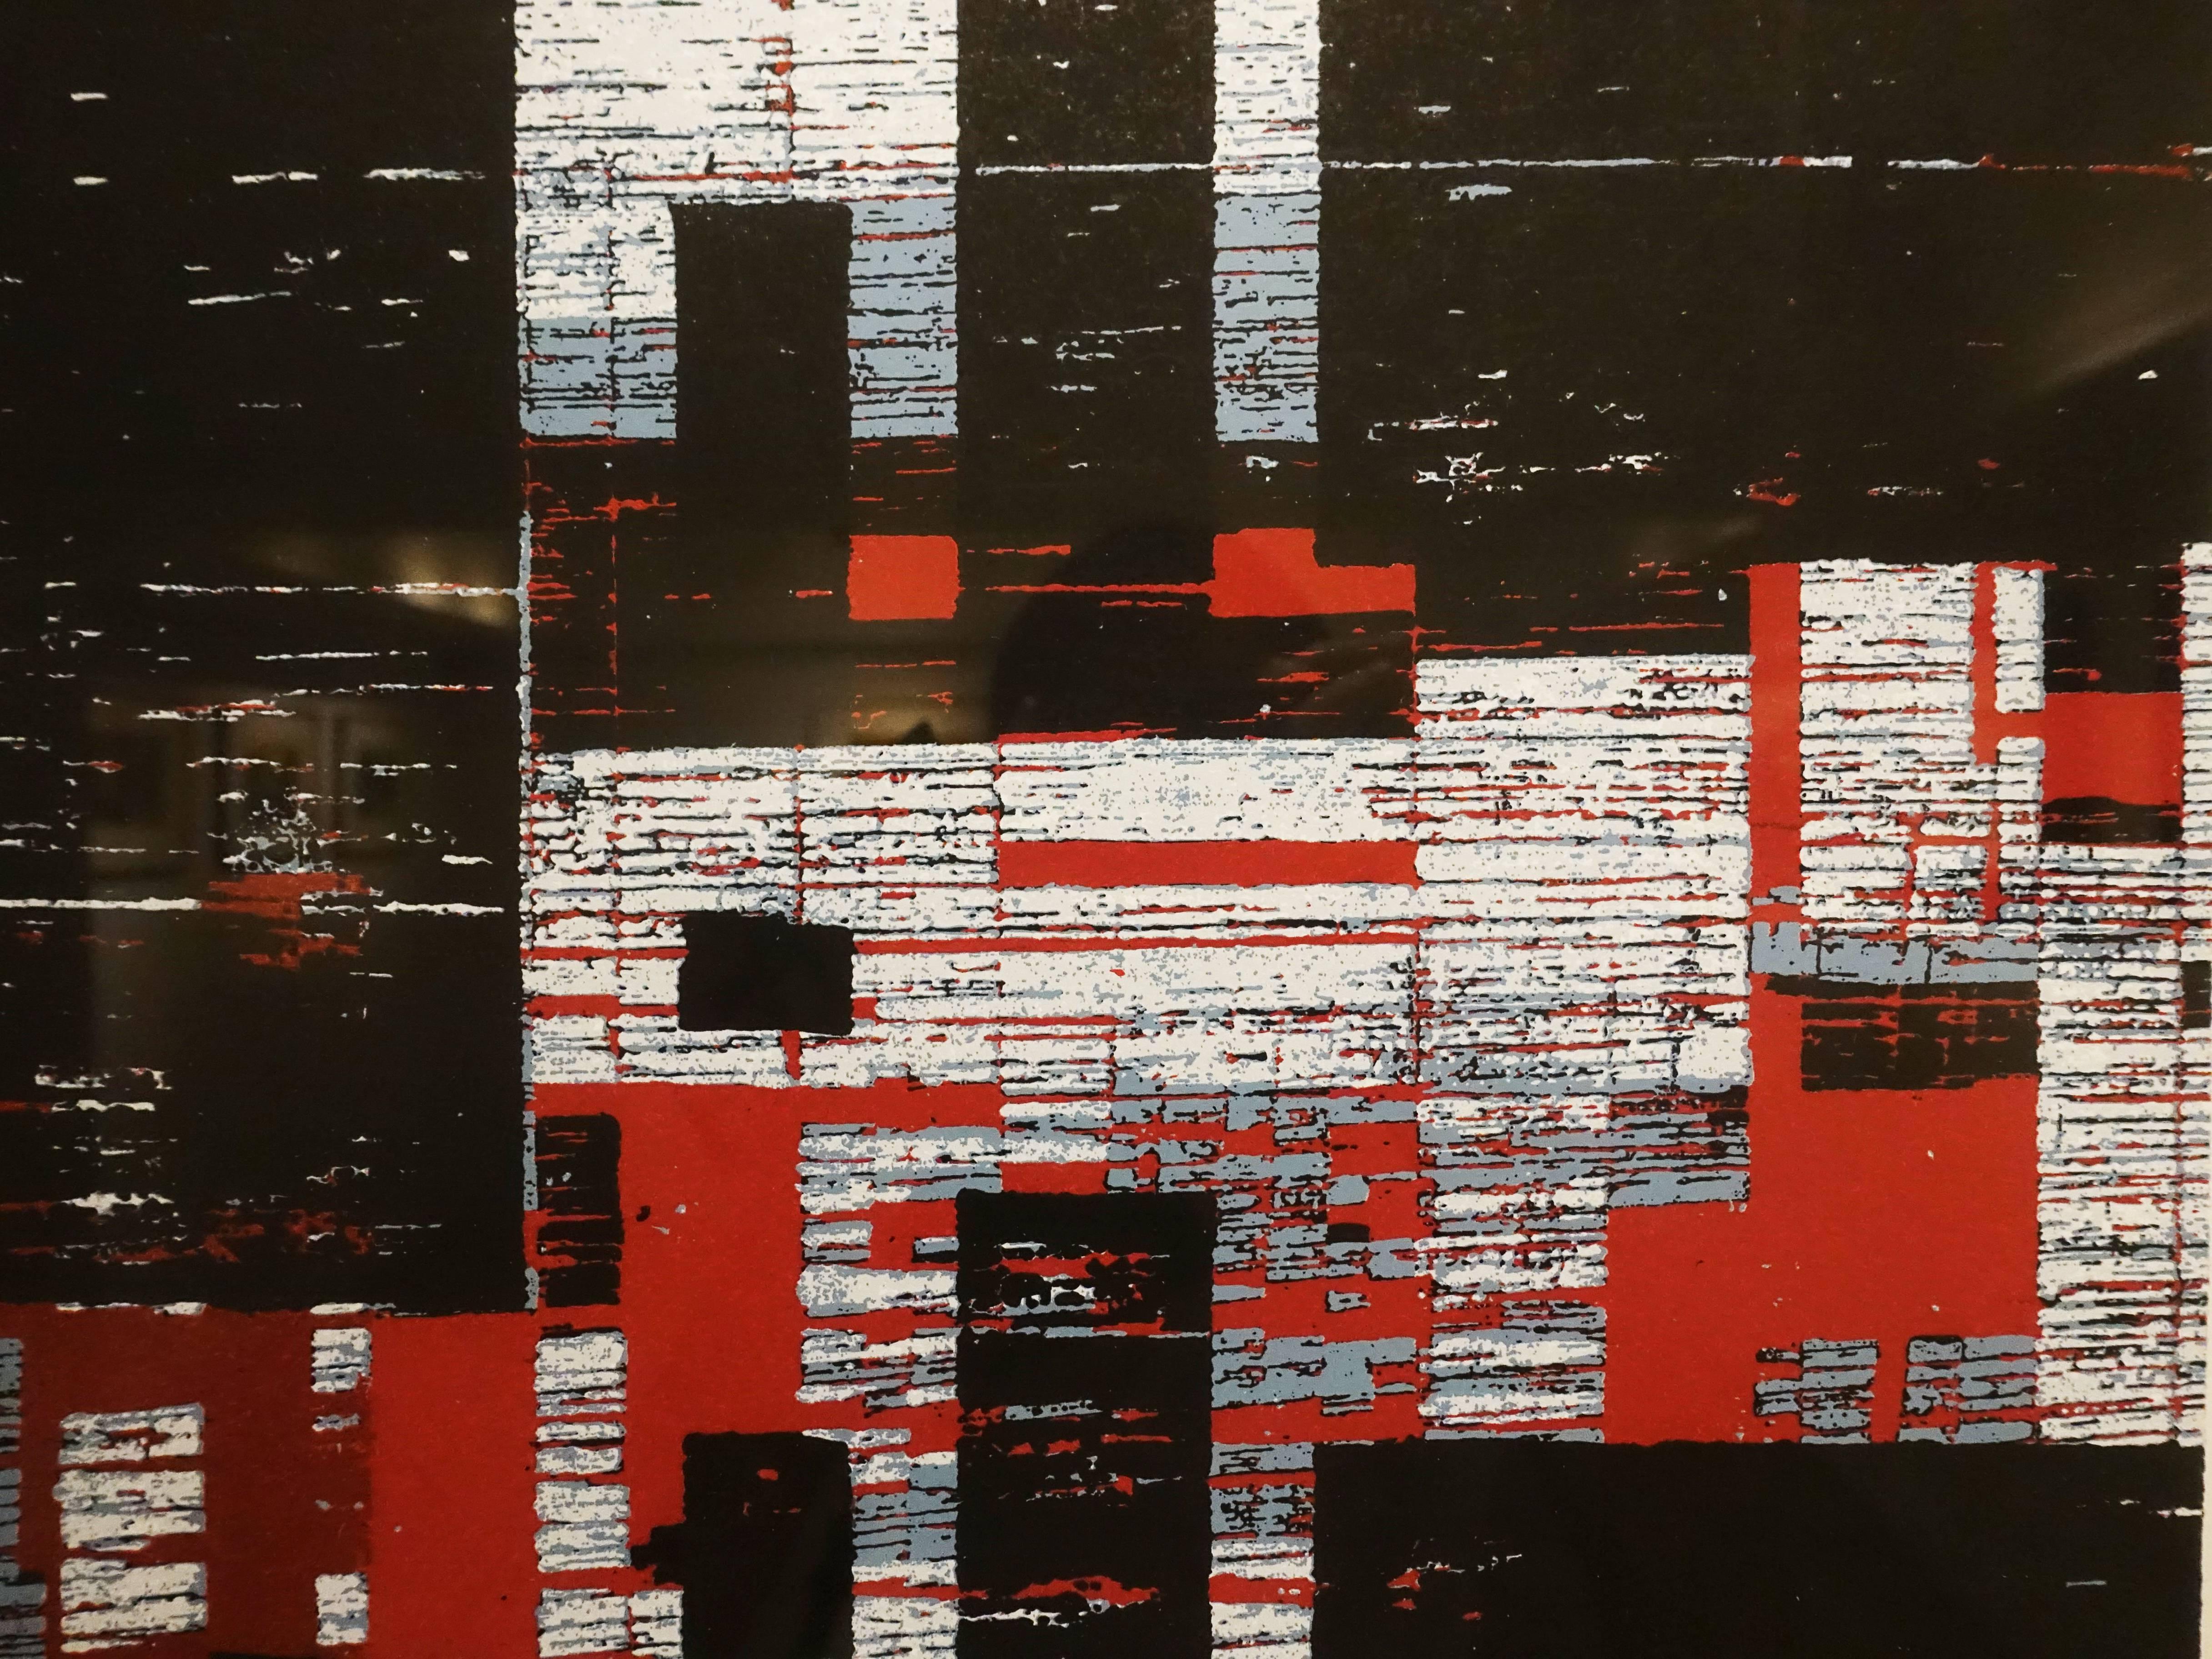 徐明豐,《景觀 空間之十六》細節,50 x 50 cm,絹印版畫,2018。